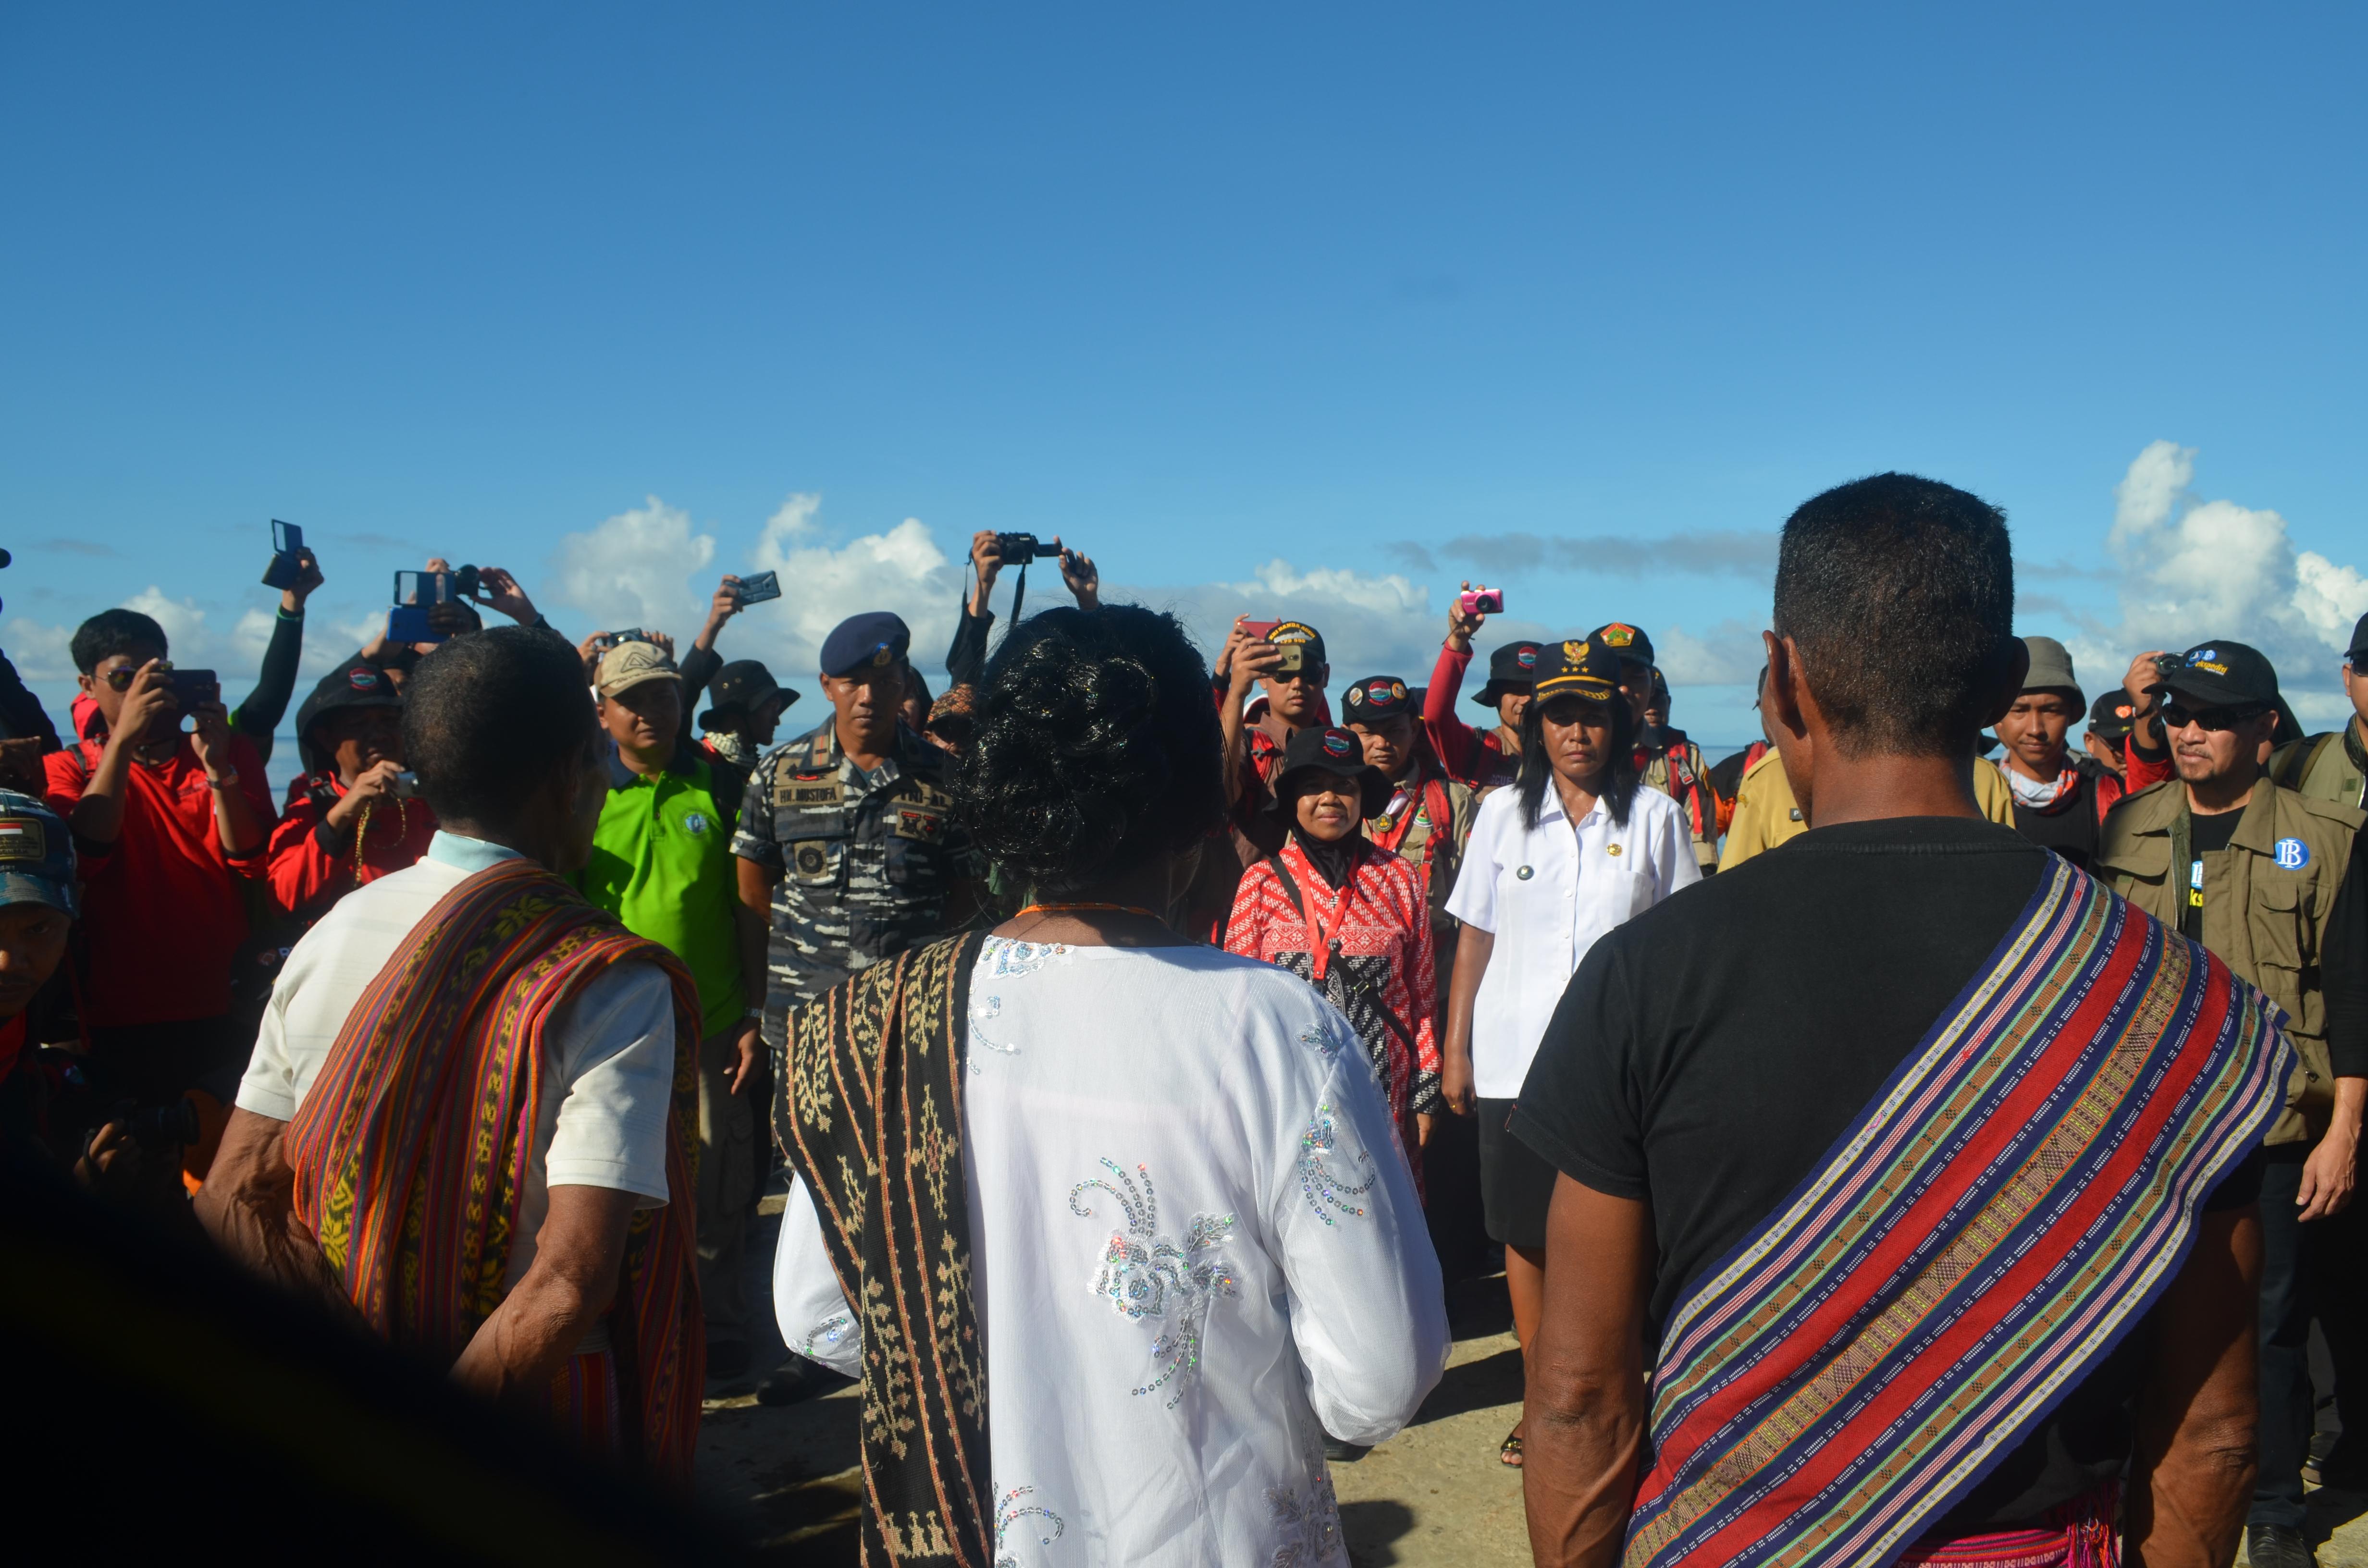 Penyambutan rombongan Ekspedisi Bhakti PMK 2016 oleh warga dan camat Ilwaki Pulau Wetar Maluku Barat Daya.